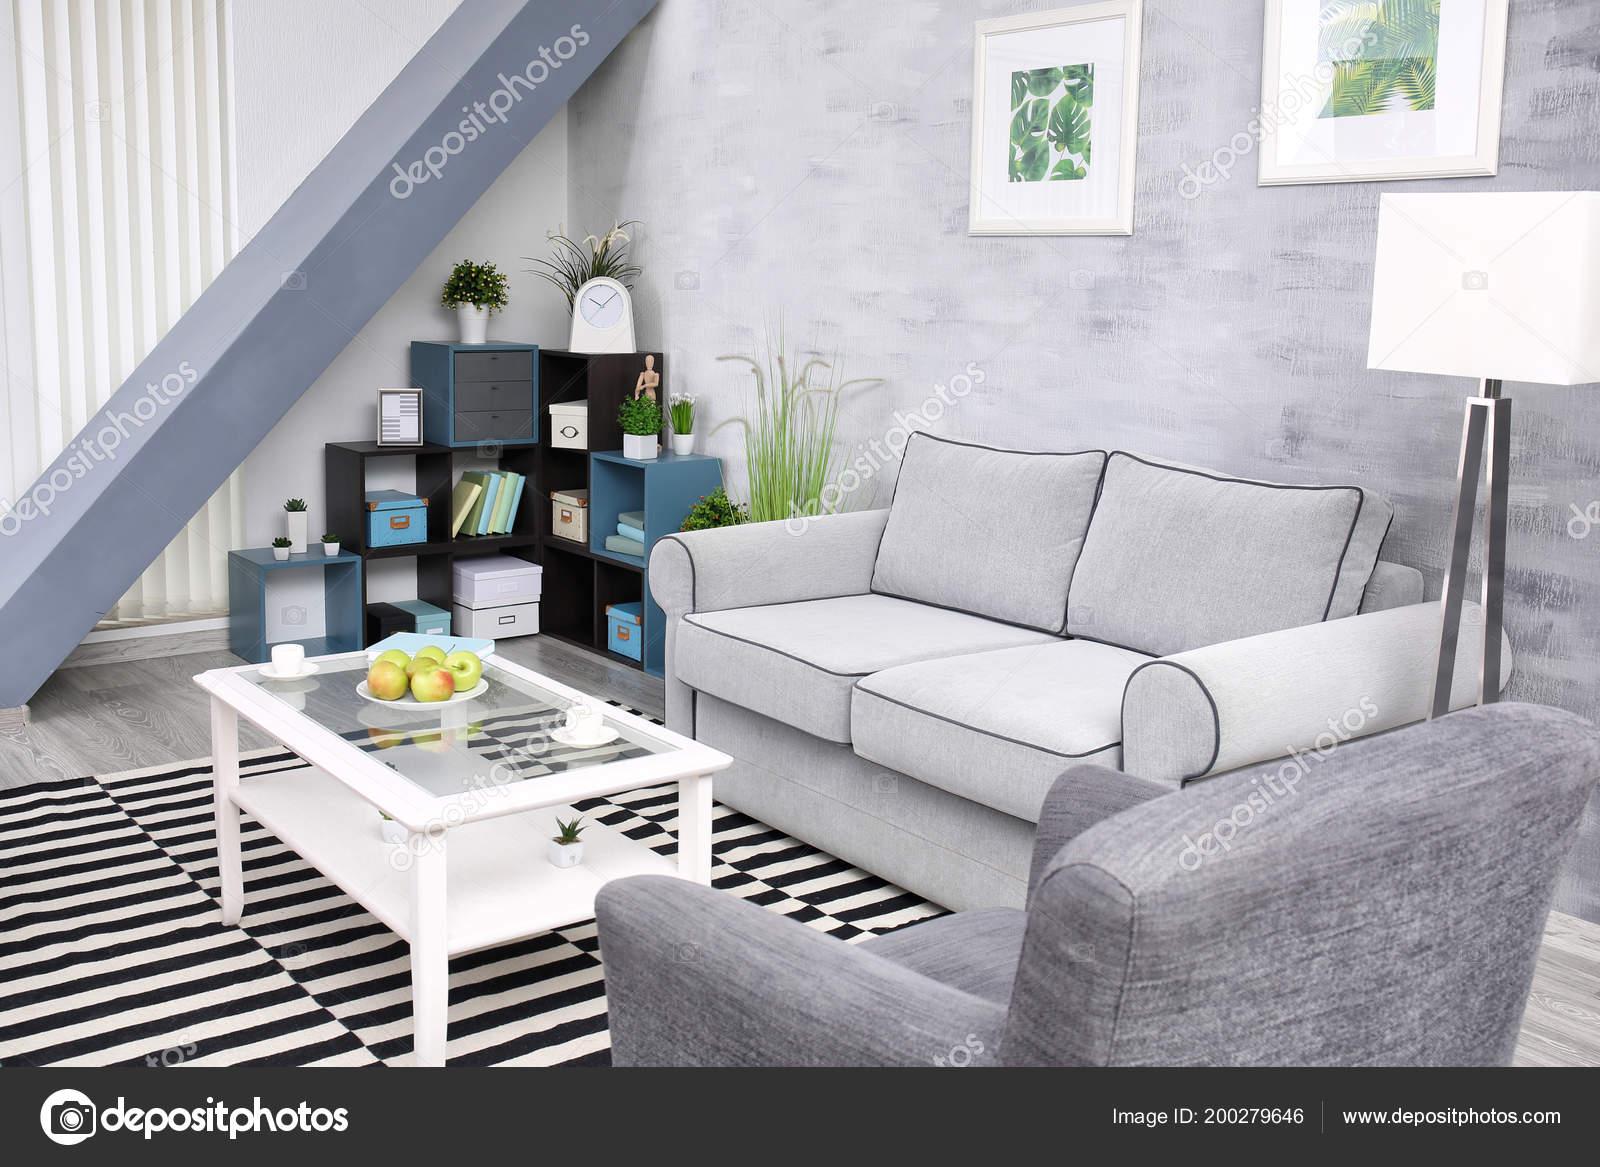 Salotto Moderno Grande : Salotto moderno design con grande tappeto zebrato u2014 foto stock